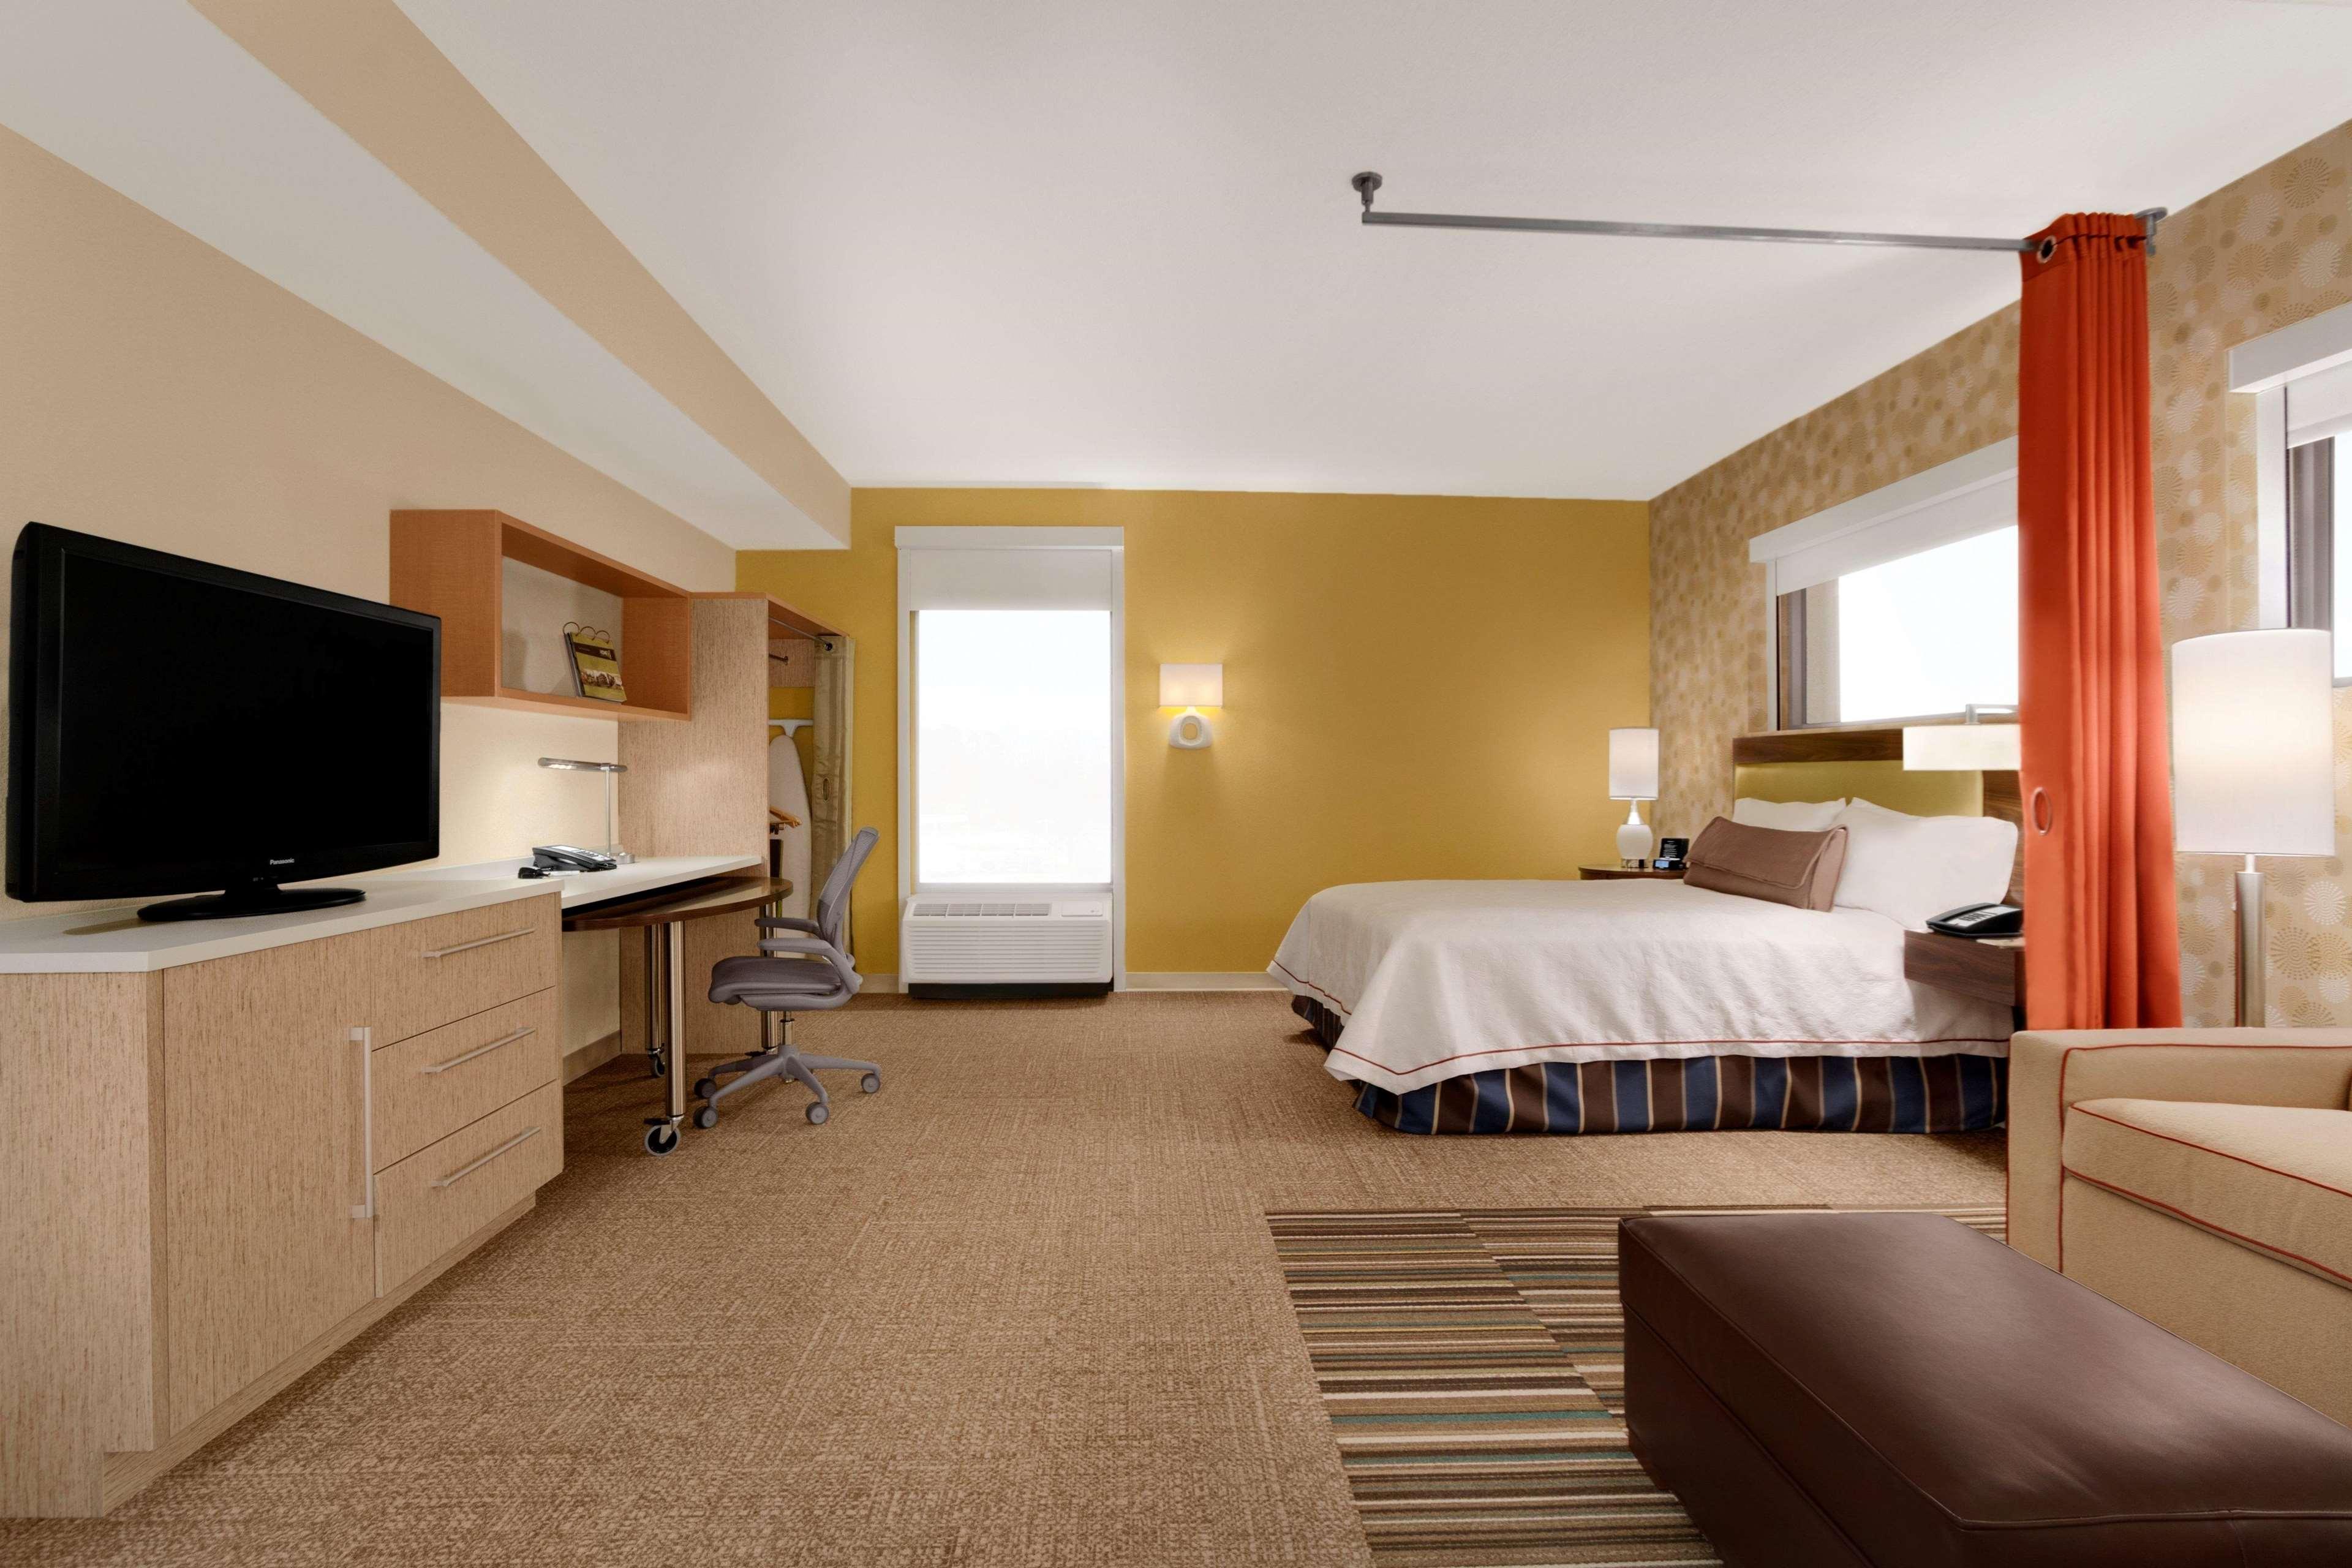 Home2 Suites by Hilton Lexington Park Patuxent River NAS, MD image 16